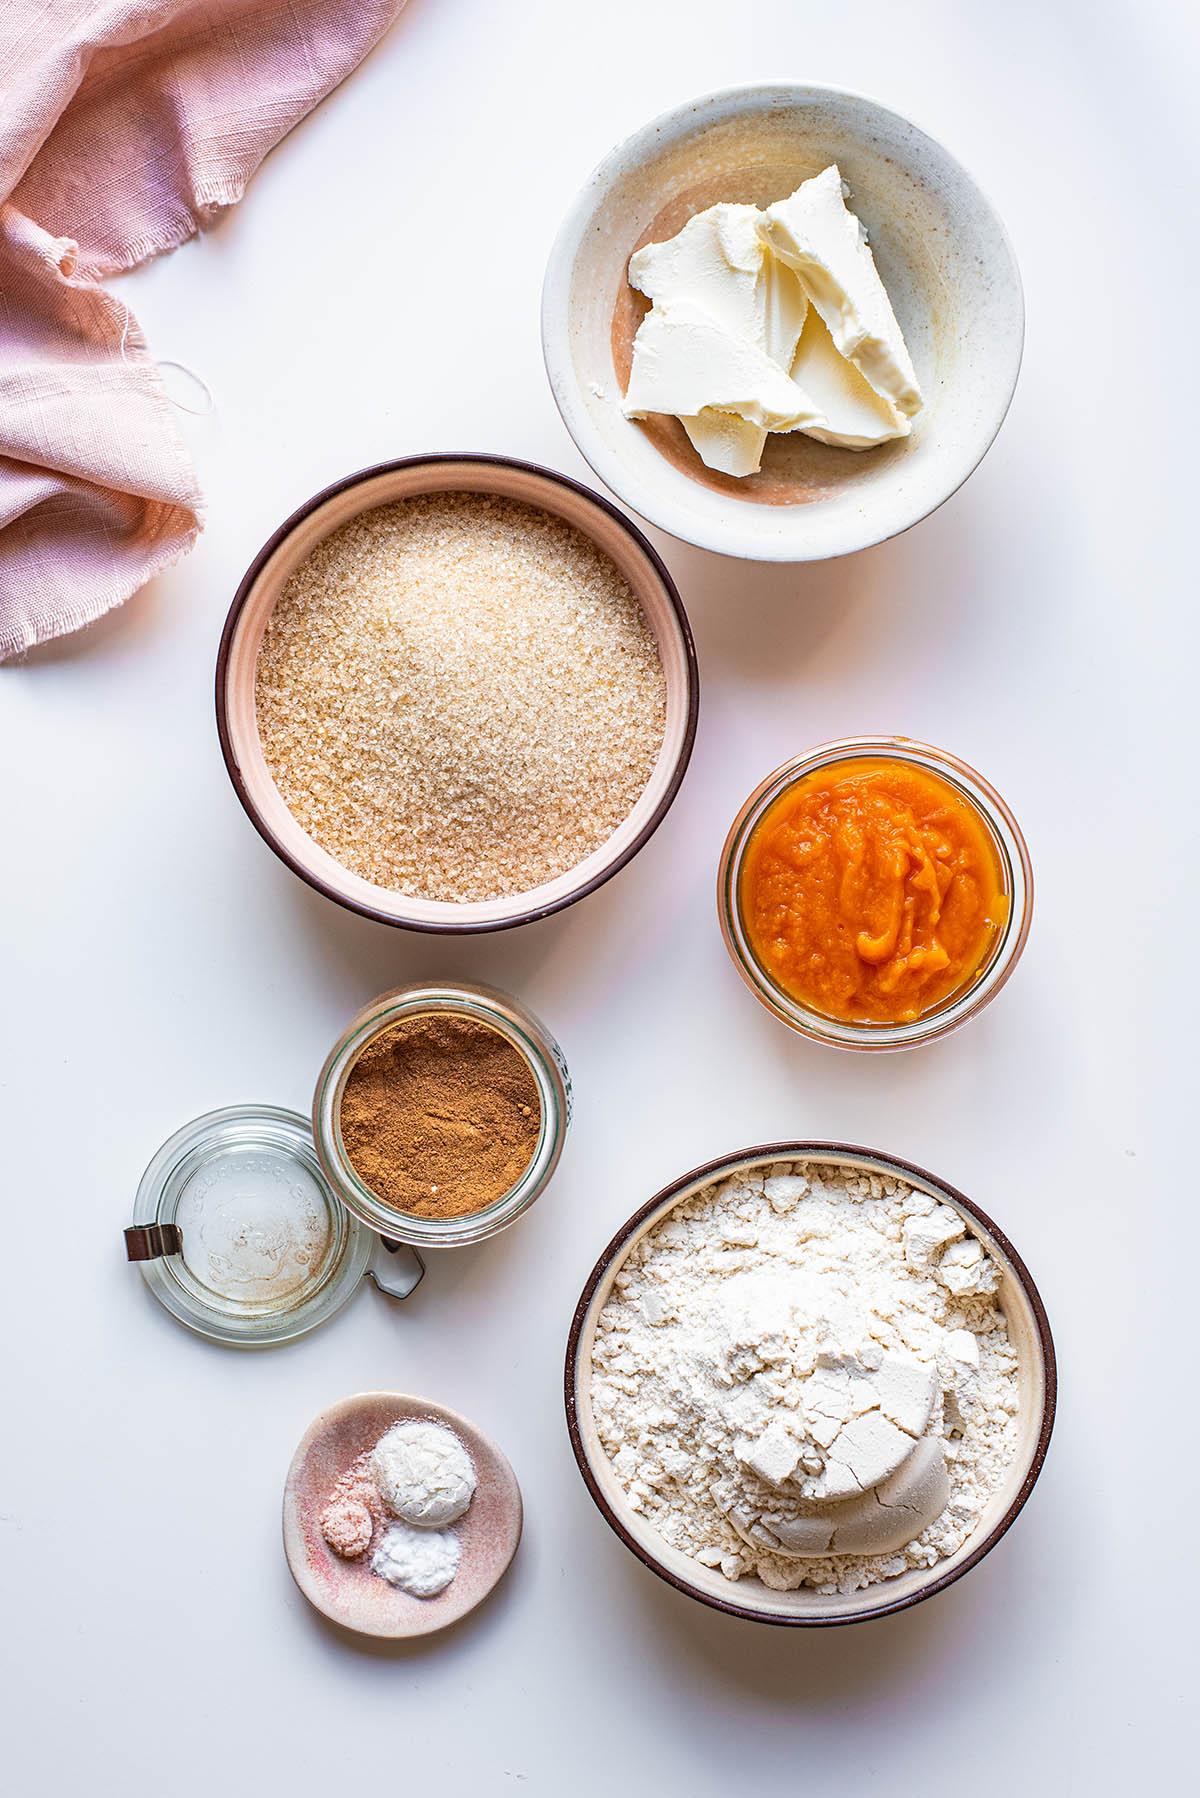 Vegan pumpkin cookie ingredients.